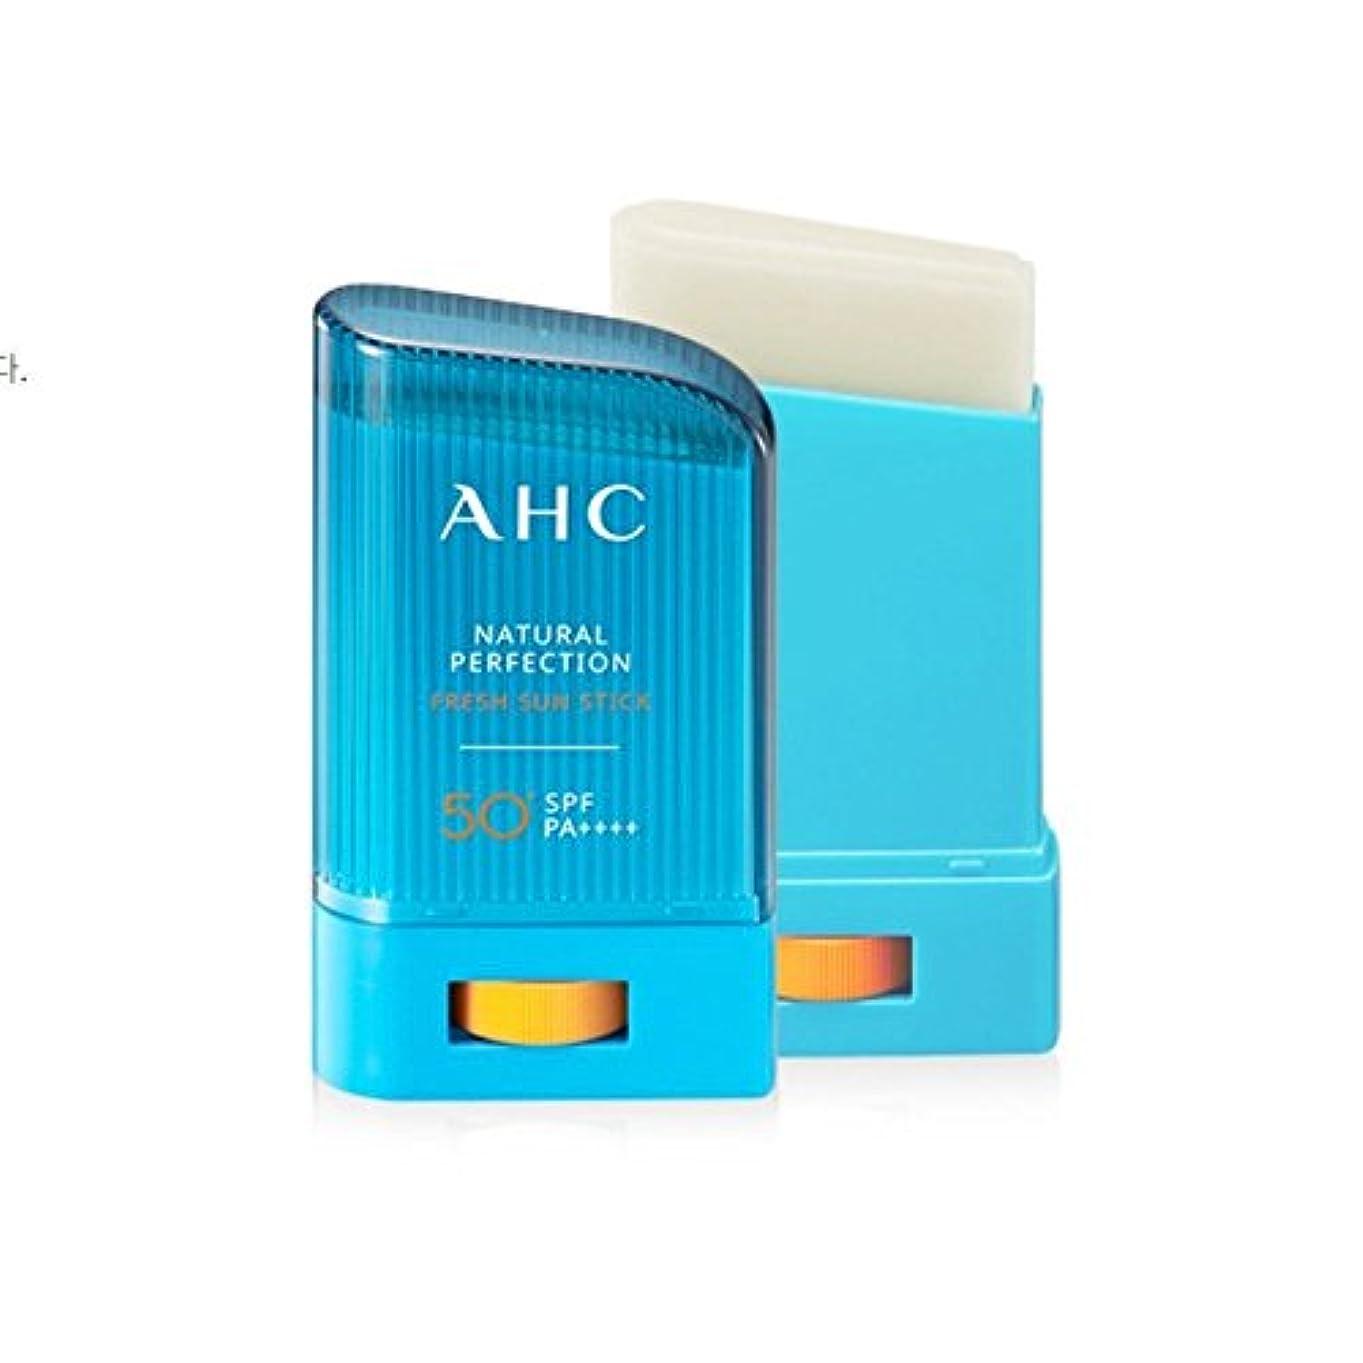 姪分析する病んでいる[1+1] AHC Natural Perfection Fresh Sun Stick ナチュラルパーフェクションフレッシュサンスティック 22g * 2個 [並行輸入品]